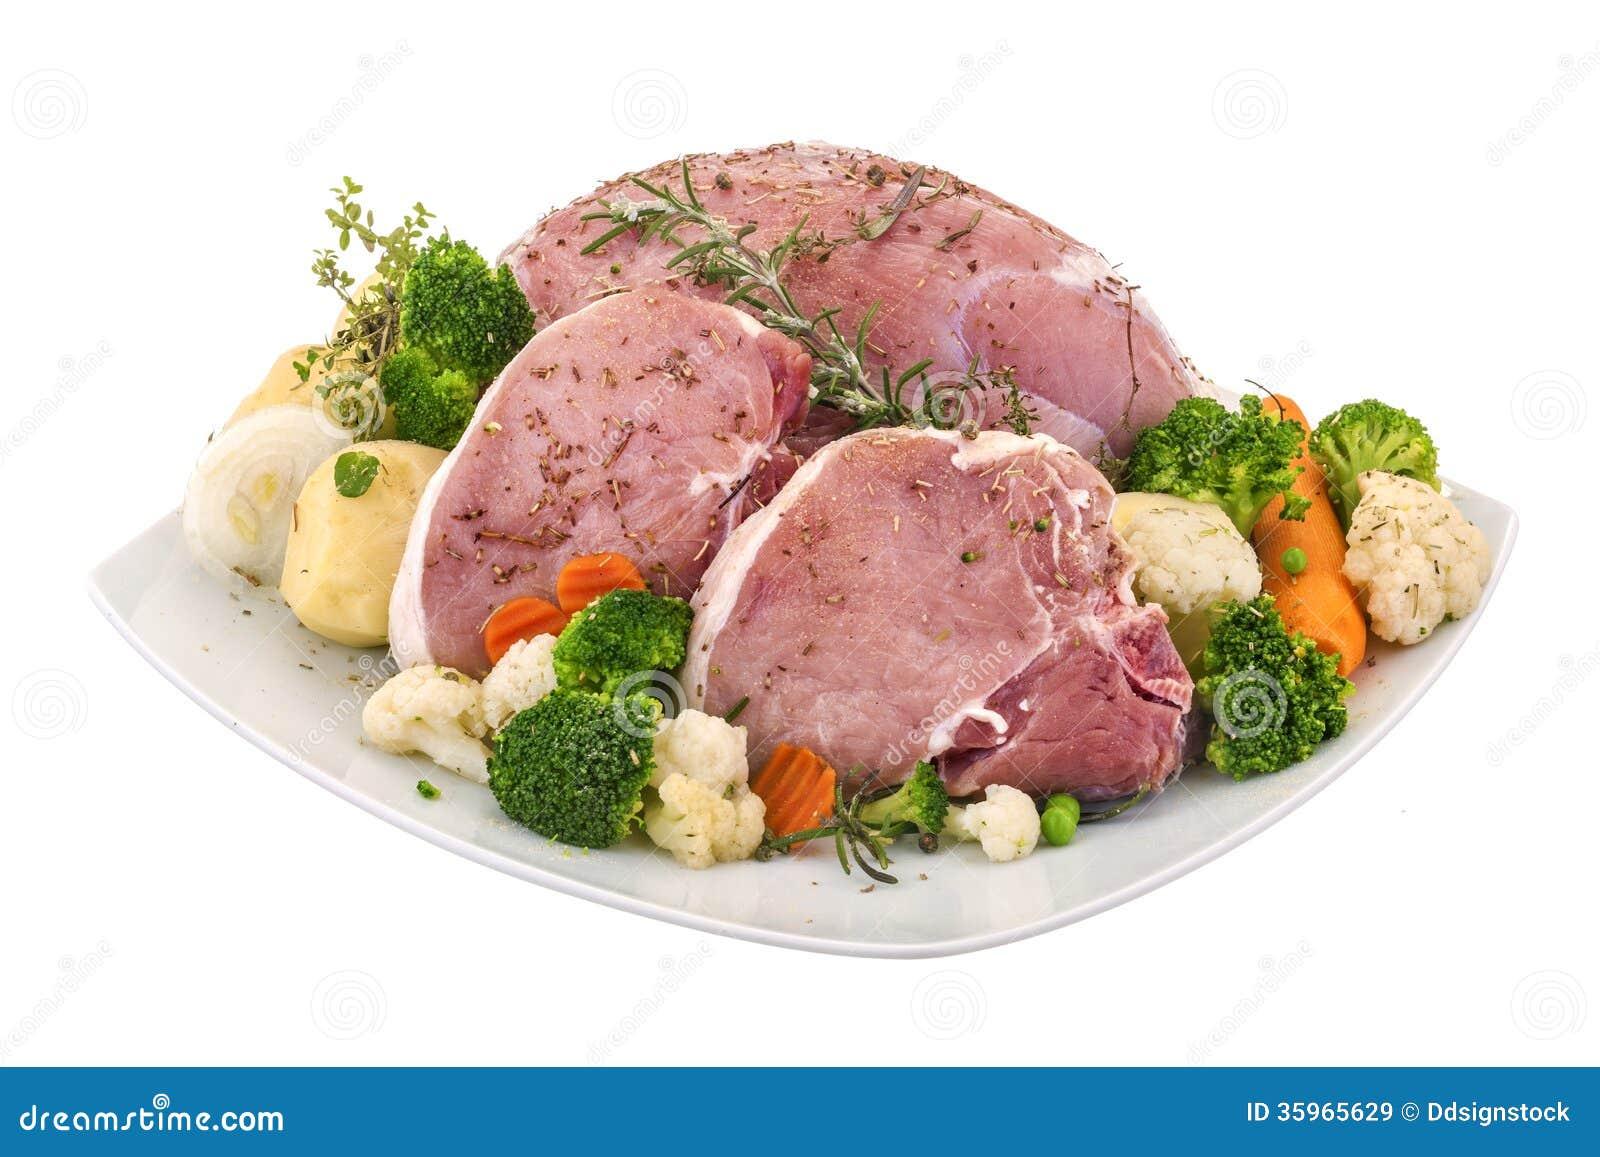 Carne de cerdo fresca